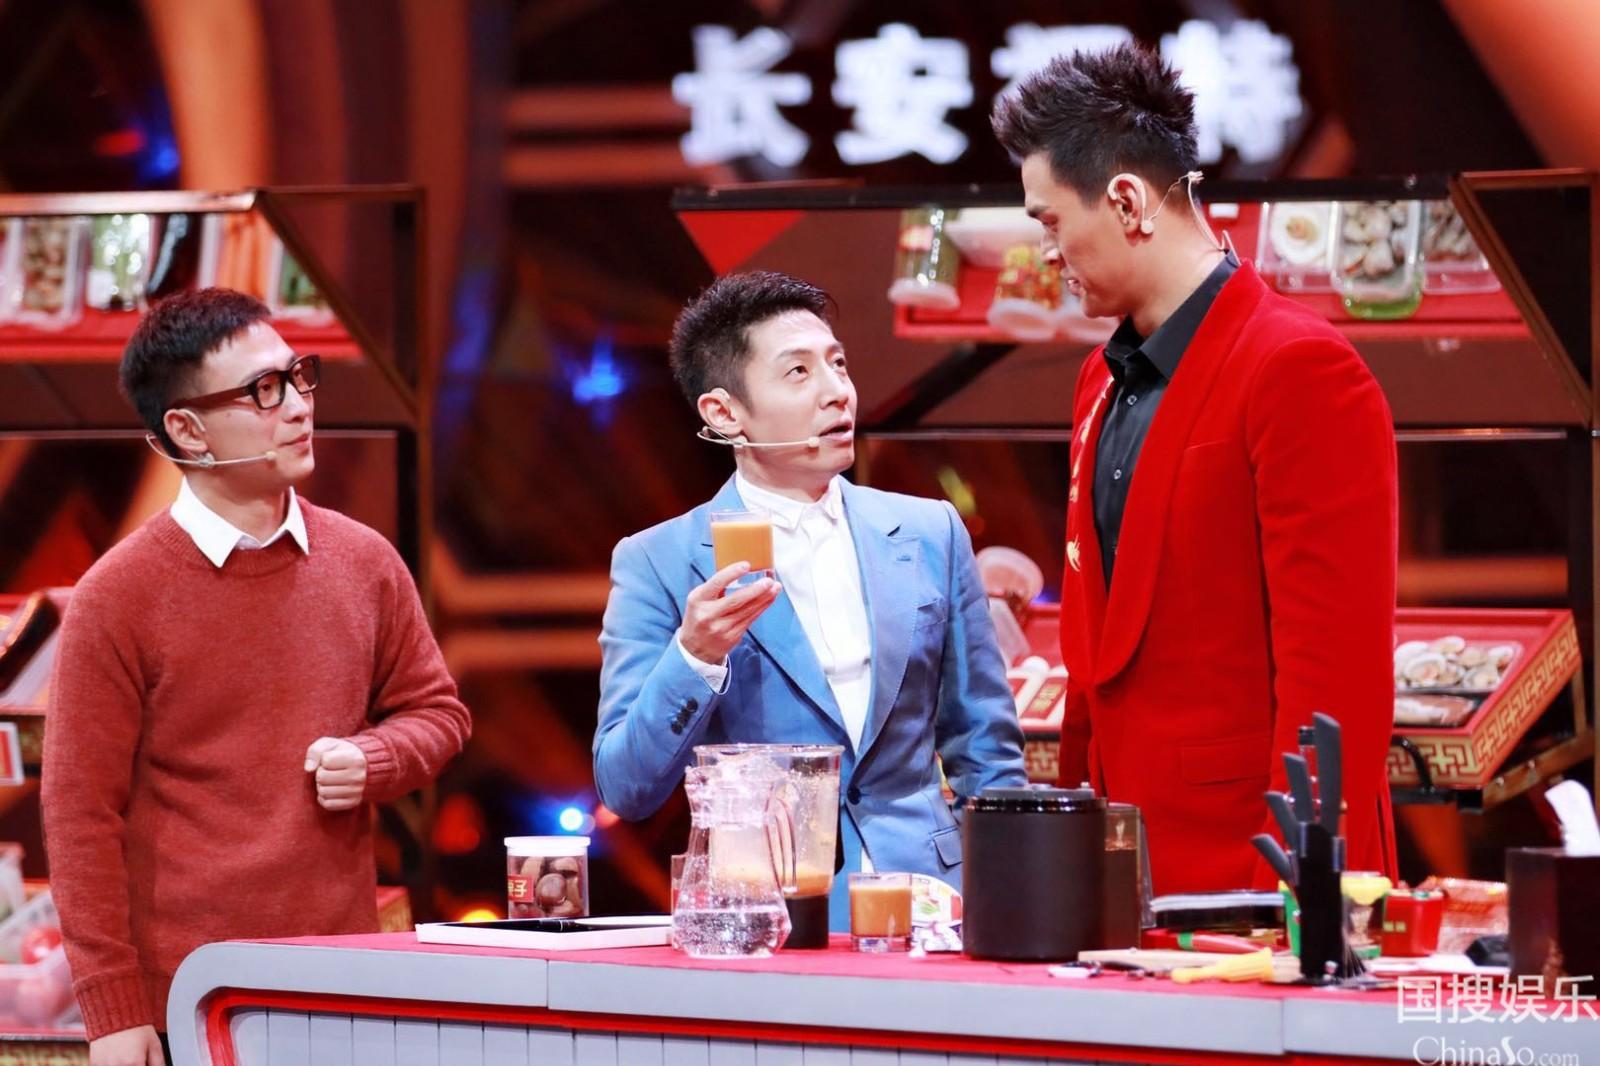 撒贝宁与孙杨讨论饮料